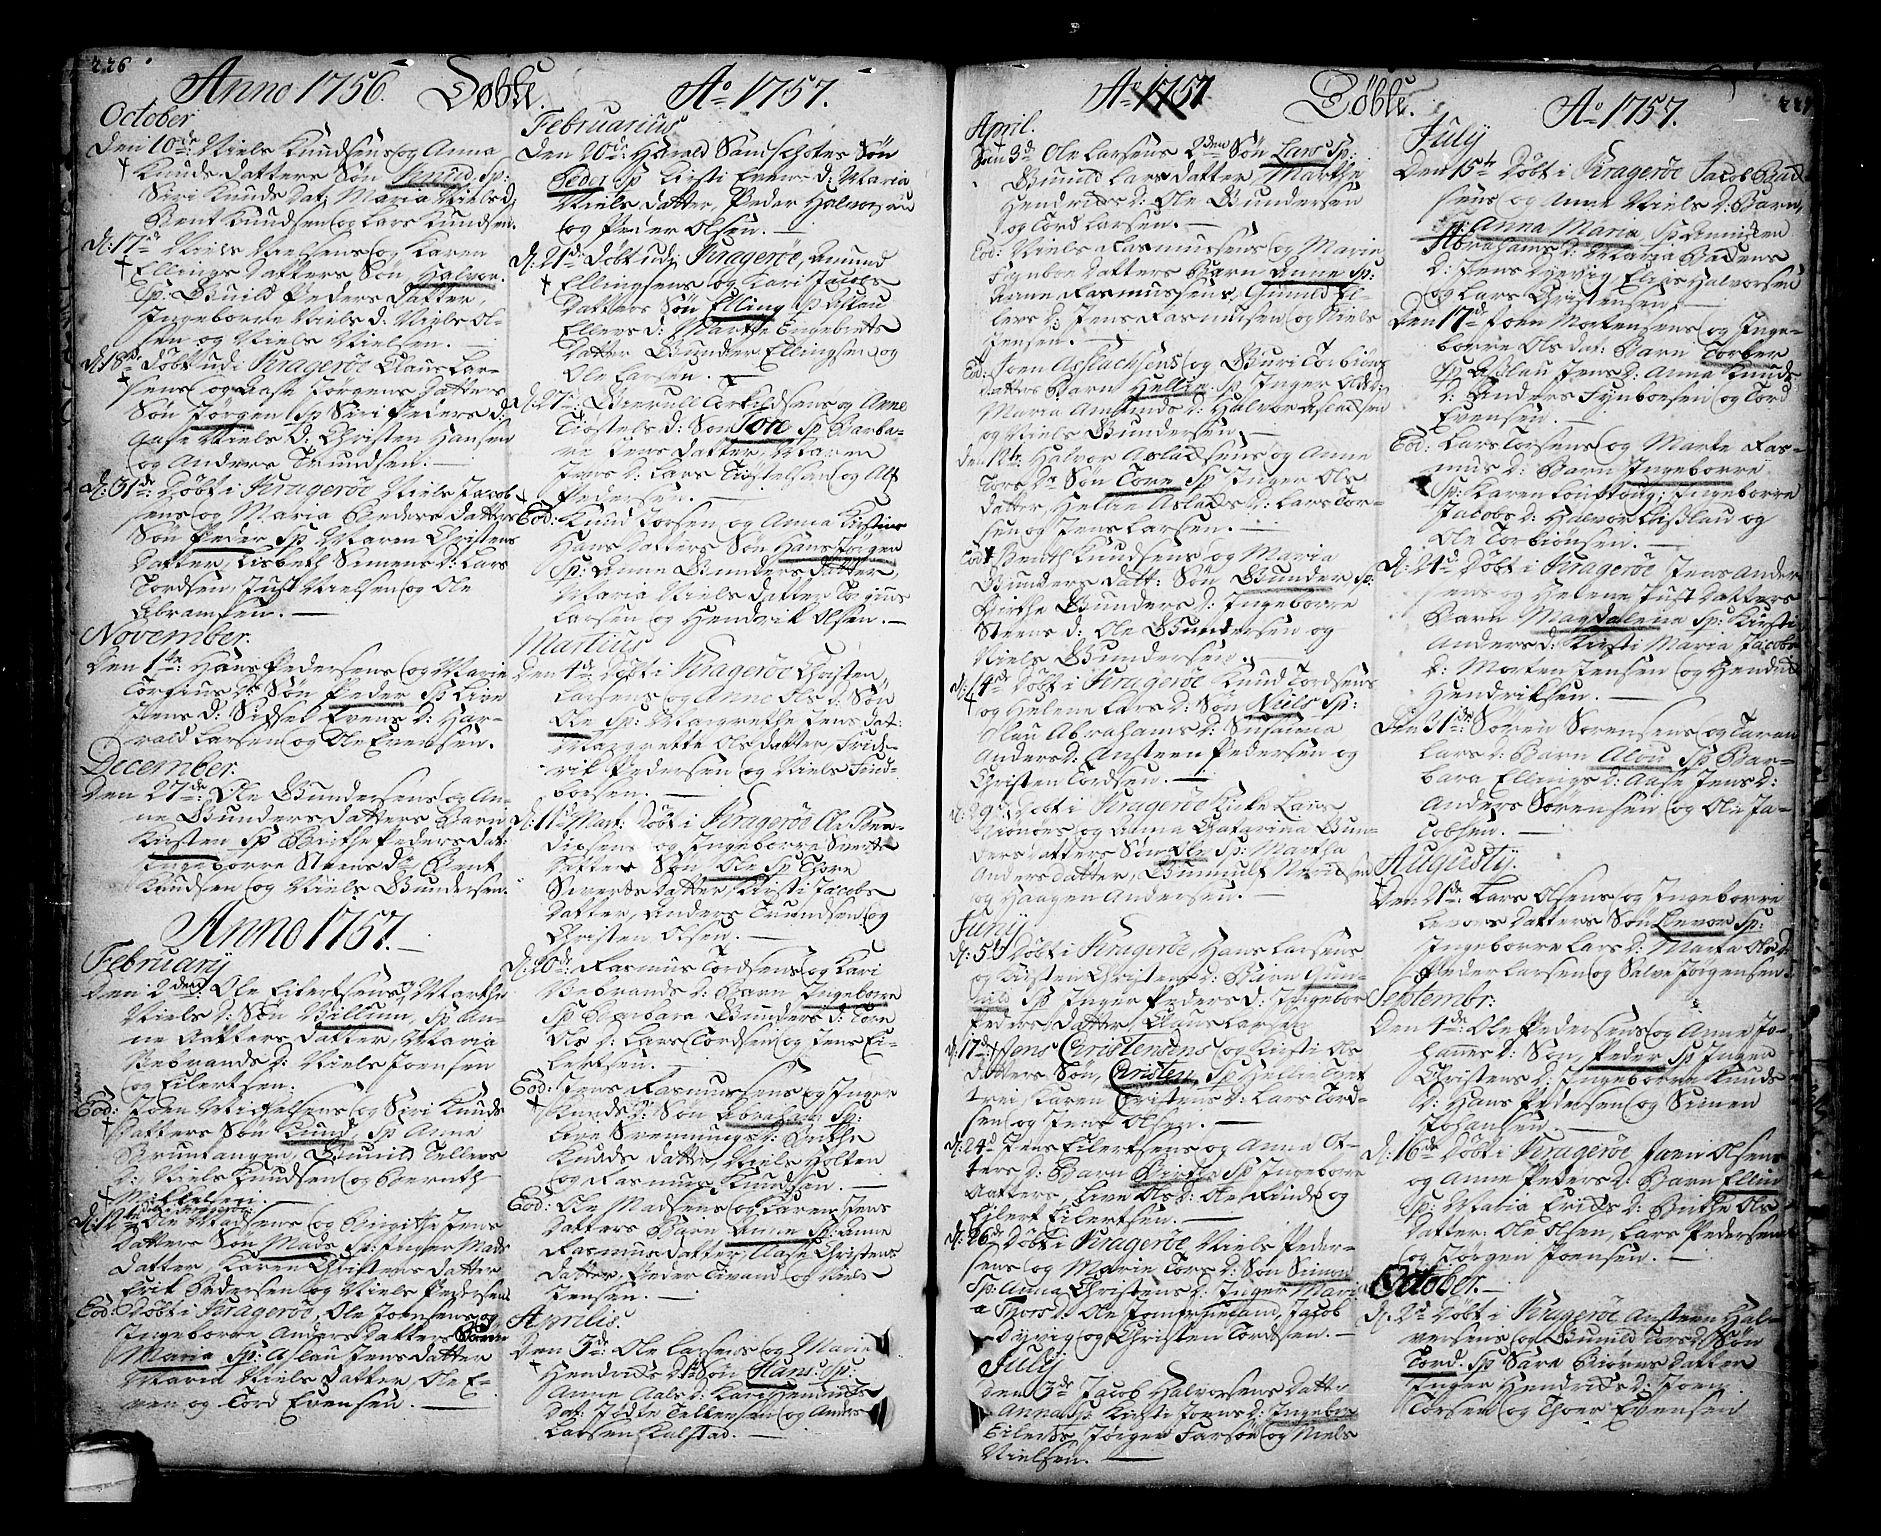 SAKO, Sannidal kirkebøker, F/Fa/L0001: Ministerialbok nr. 1, 1702-1766, s. 226-227